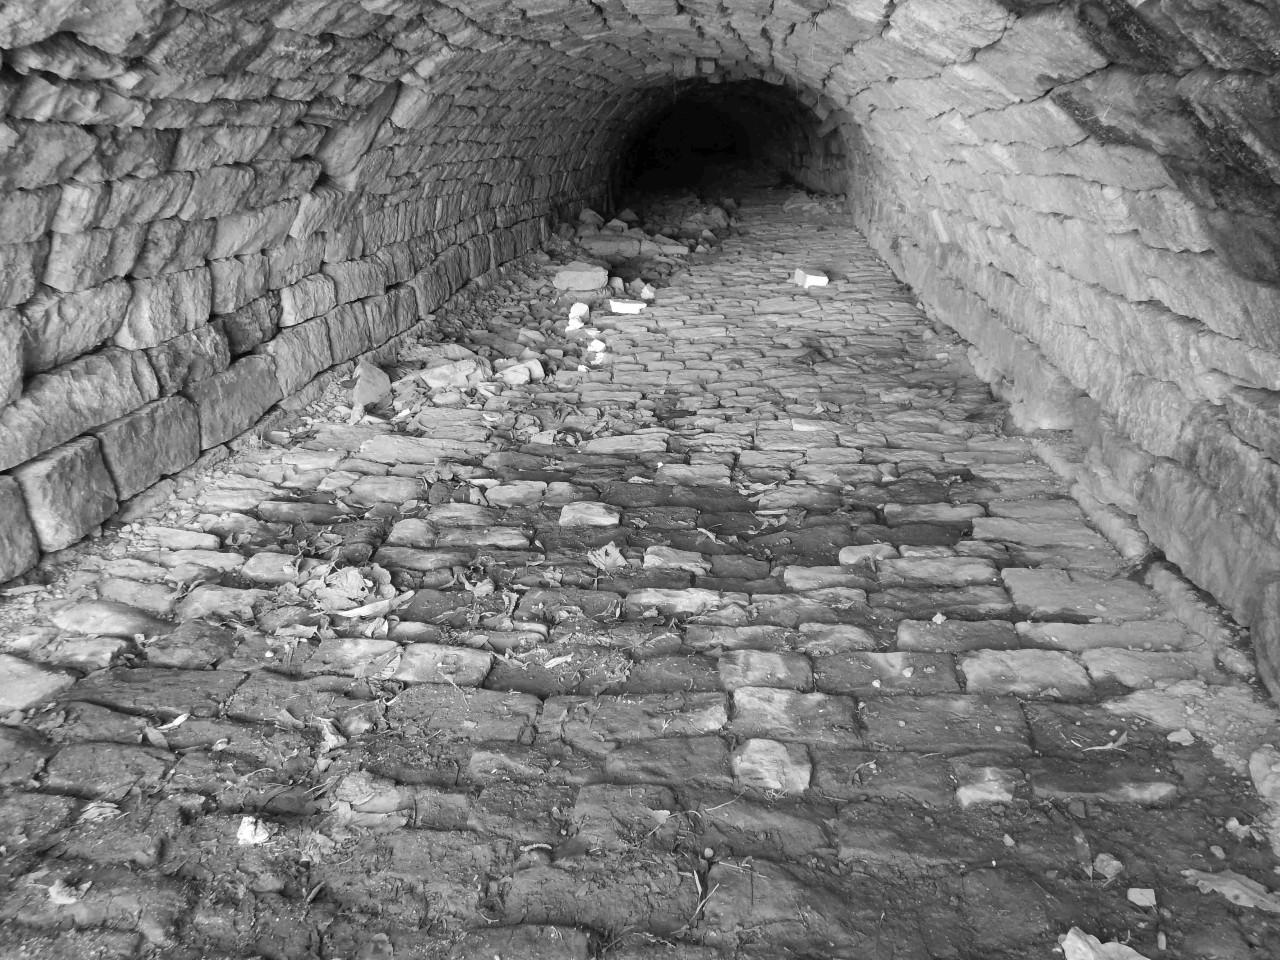 Ersatzneubau von Ufermauern, Durchlässen und Brücken zur Herstellung des Hochwasserschutzes in der Ortslage Niedernissa - Bestand Bw F